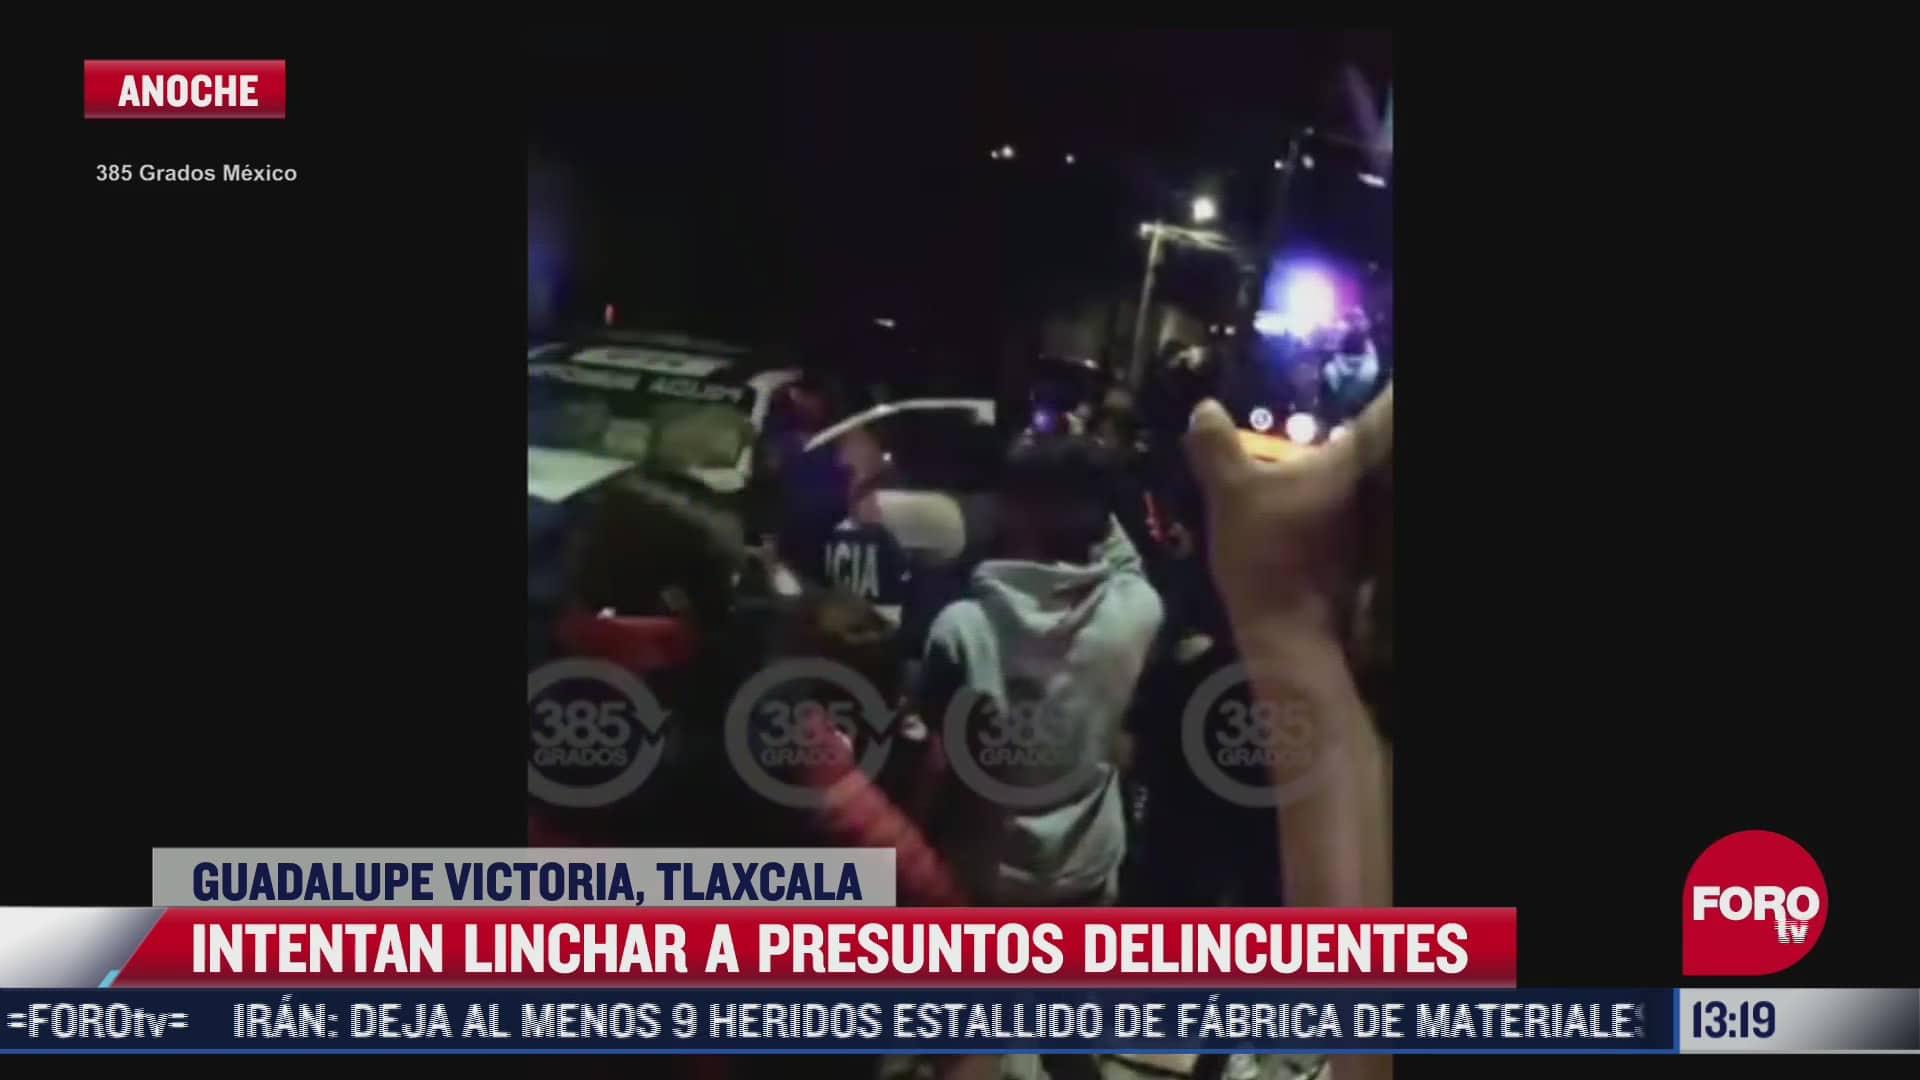 intentan linchar a presuntos delincuentes en tlaxcala